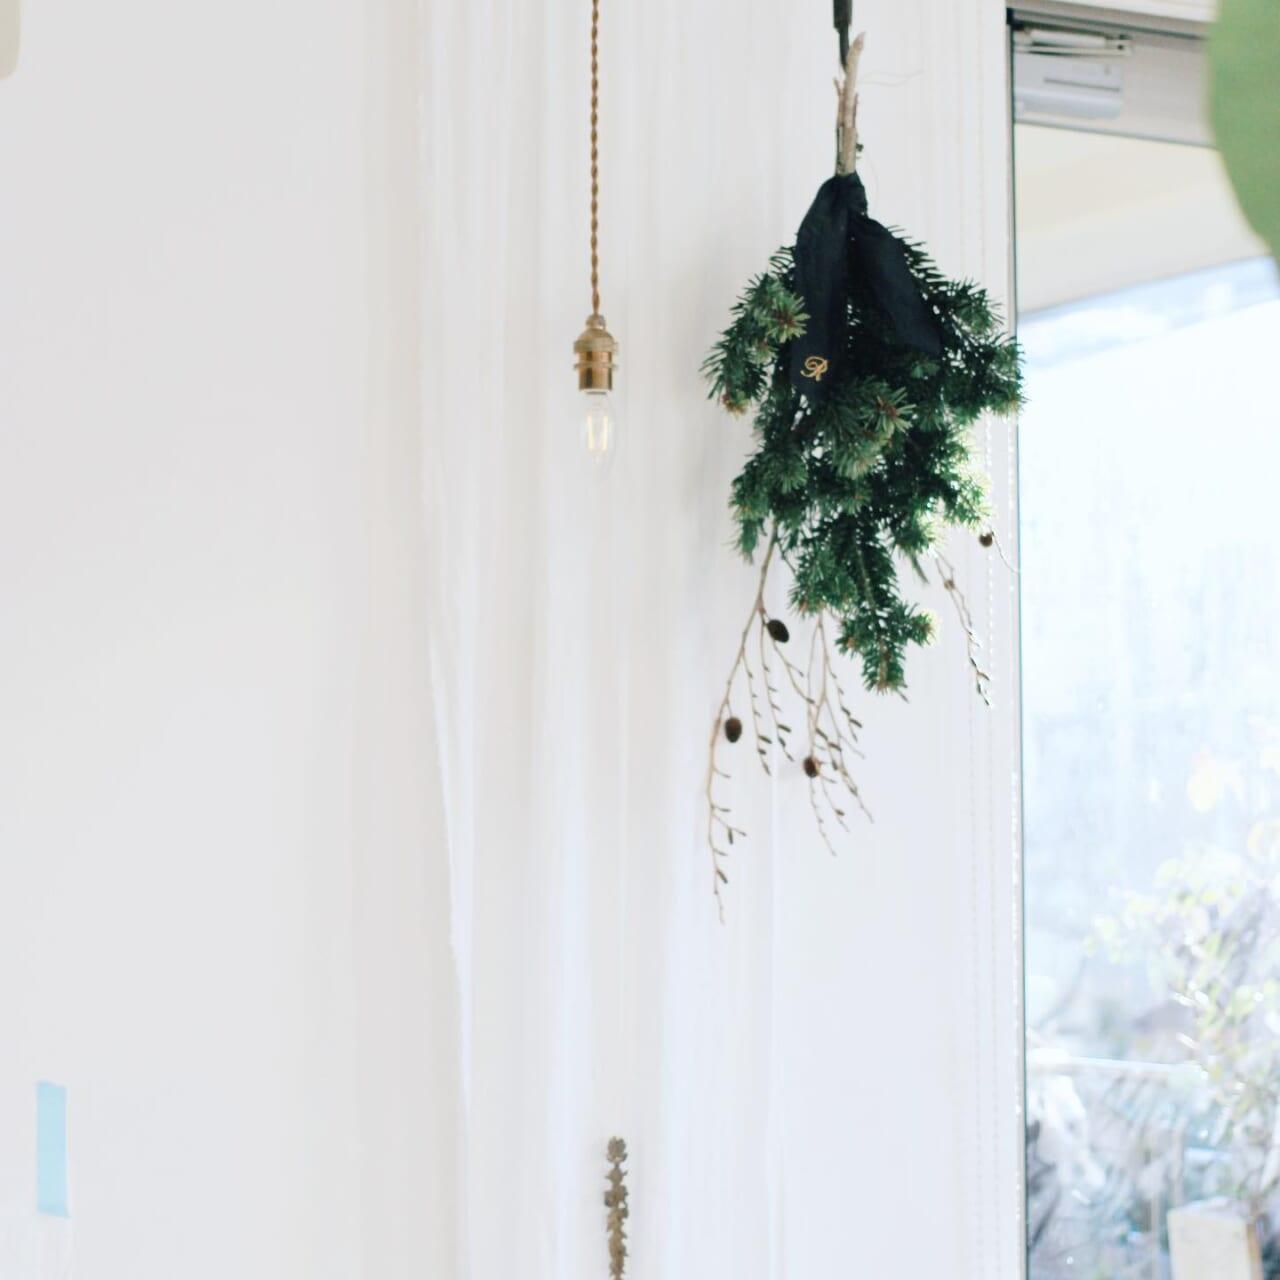 .友人からもみの木の枝をいただいたので毎年恒例のスワッグにしました🌲.ハービック蒸留したいのですが氷がないという状況で幸い寒いベランダで活き活きと待ってくれているようです︎..たんたんは様子見になってます、今日からa/d缶シリンジ給餌を始めました。..#植物のある暮らし #ハーブのある暮らし #スワッグ#ハーブを暮らしに .2021.01.12 マステの下にはペットシーツが🤫